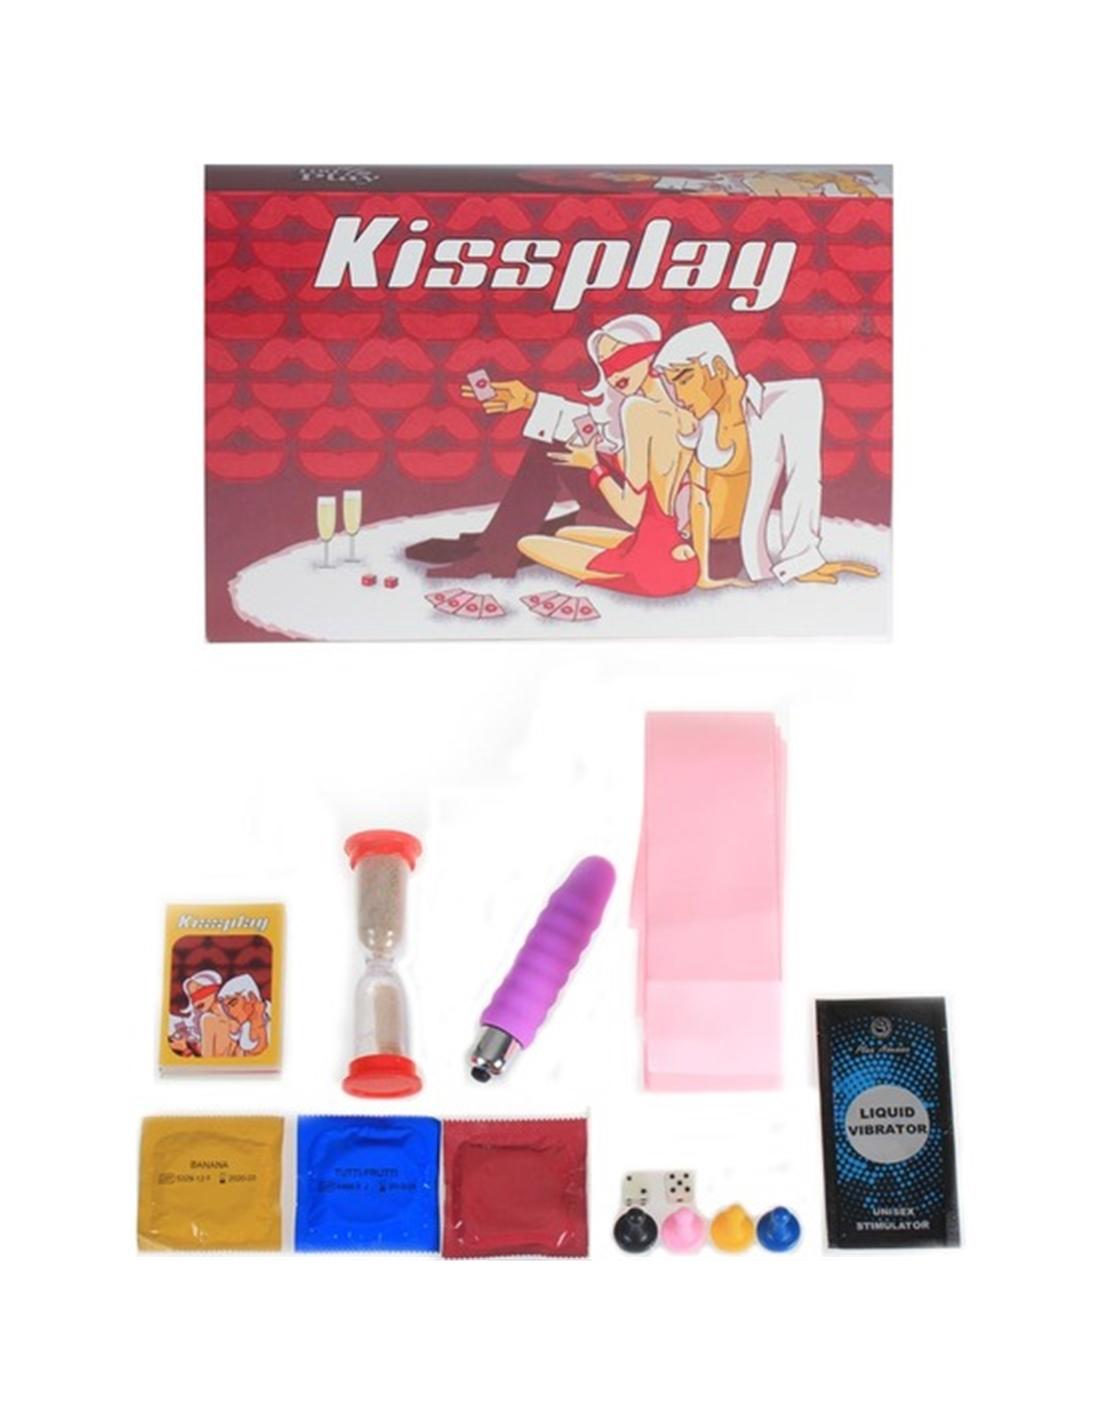 Jogo Kissplay Em Português E Espanhol - PR2010320888